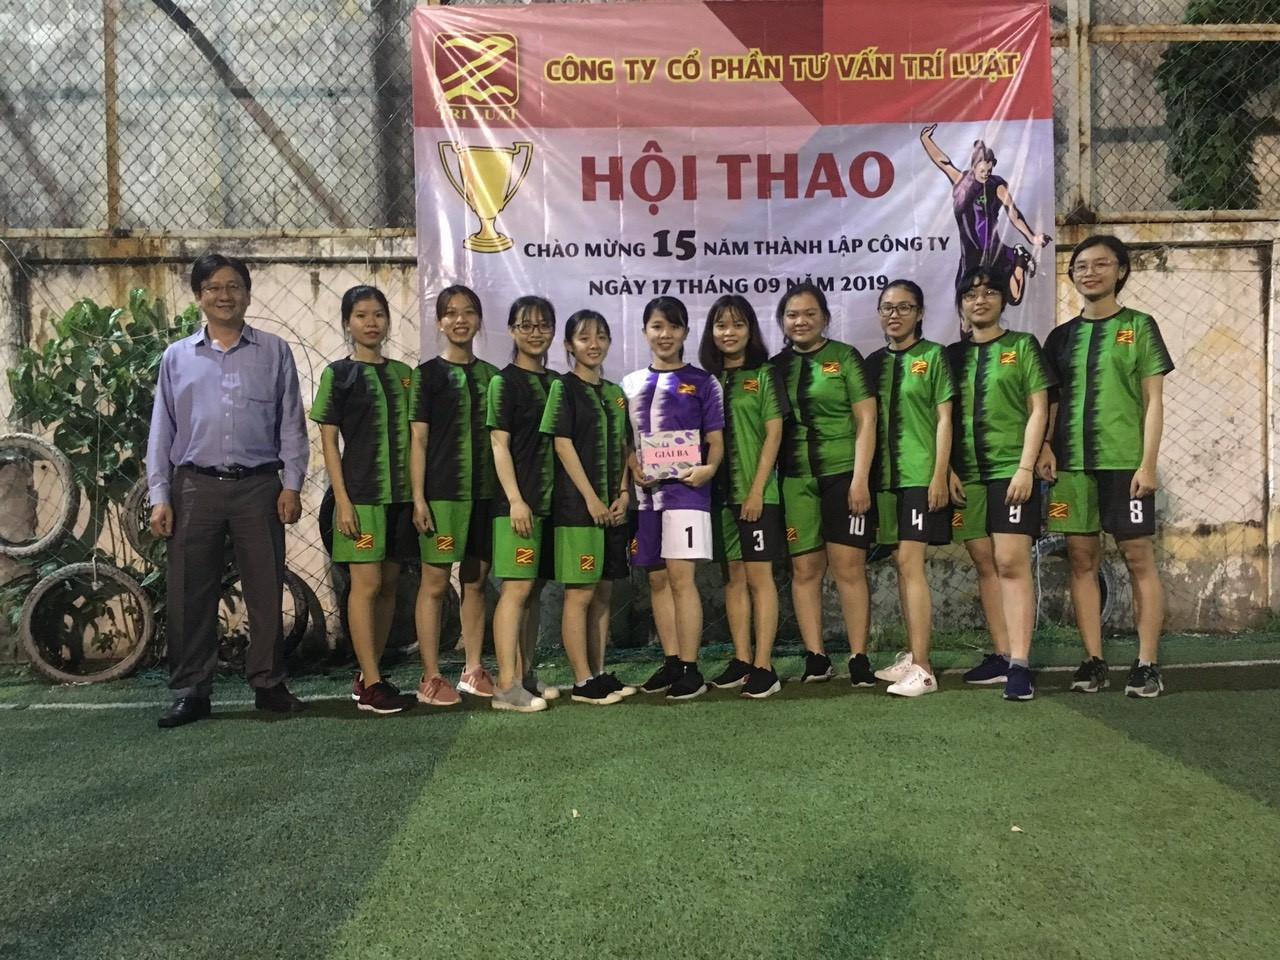 Kết quả thi đấu  chung kết giải bóng đá nữ cup Trí Luật mùa 4/ 2019